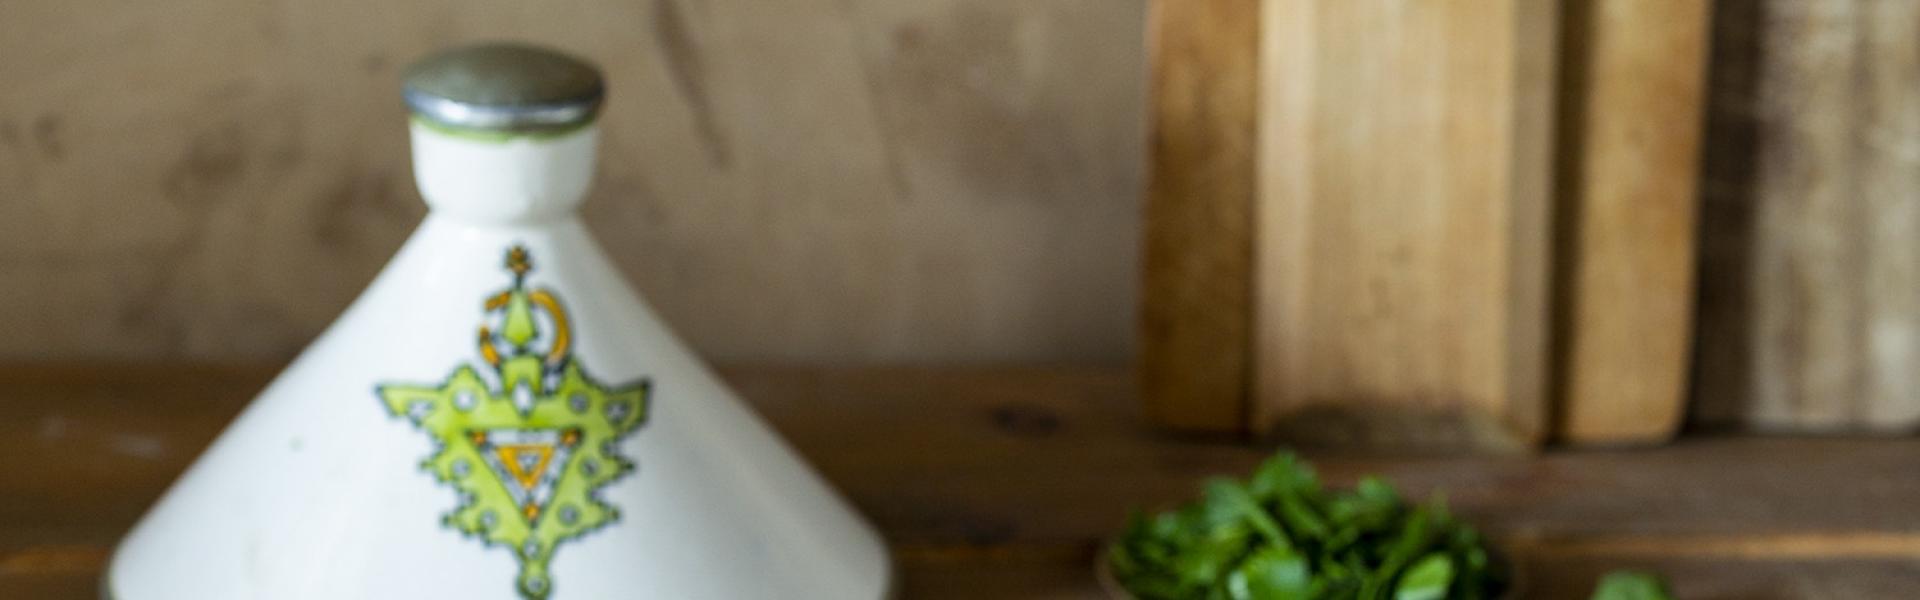 Kartoffeln, Spinat und geröstete Walnüsse in weißer Tajine.